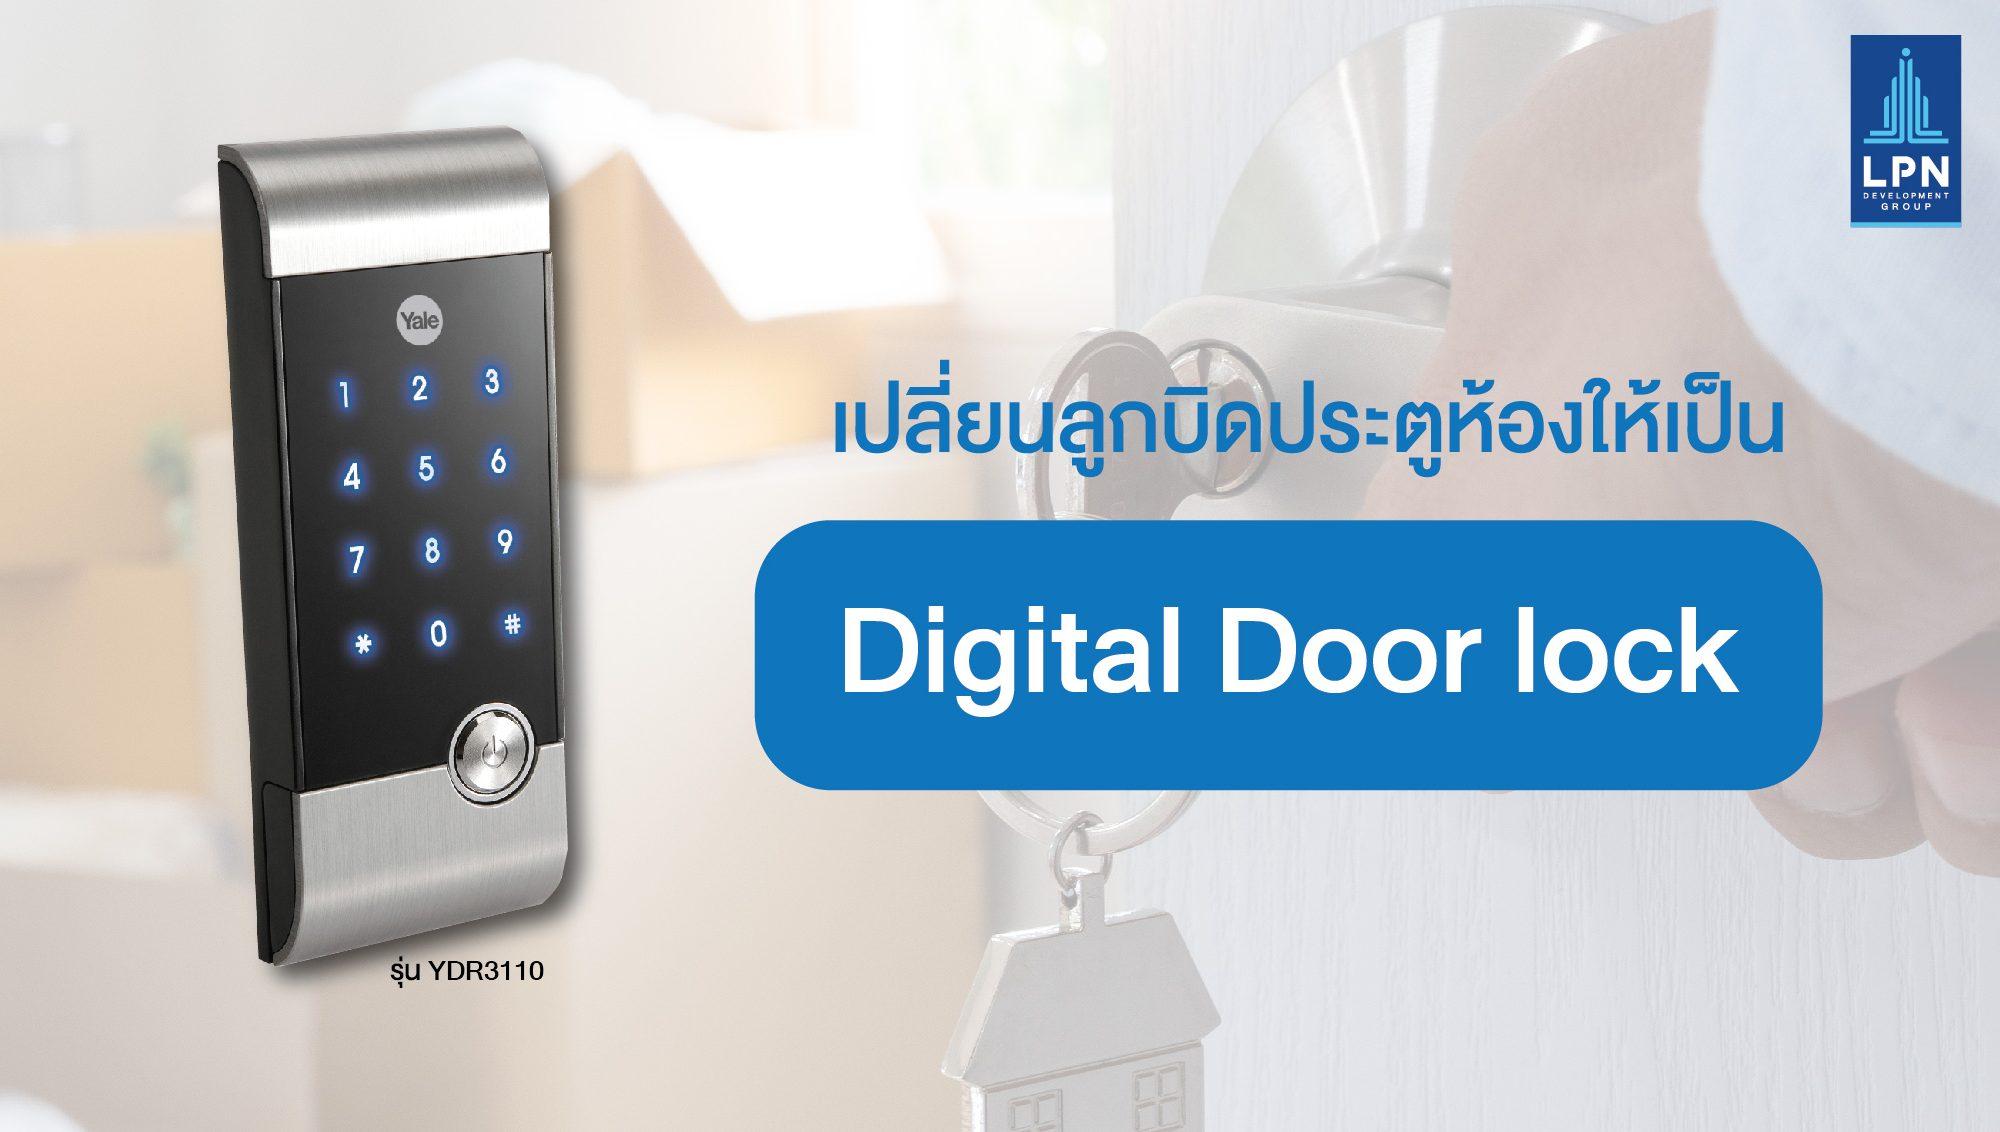 เปลี่ยนลูกบิดประตูห้องให้เป็น Digital Door Lock